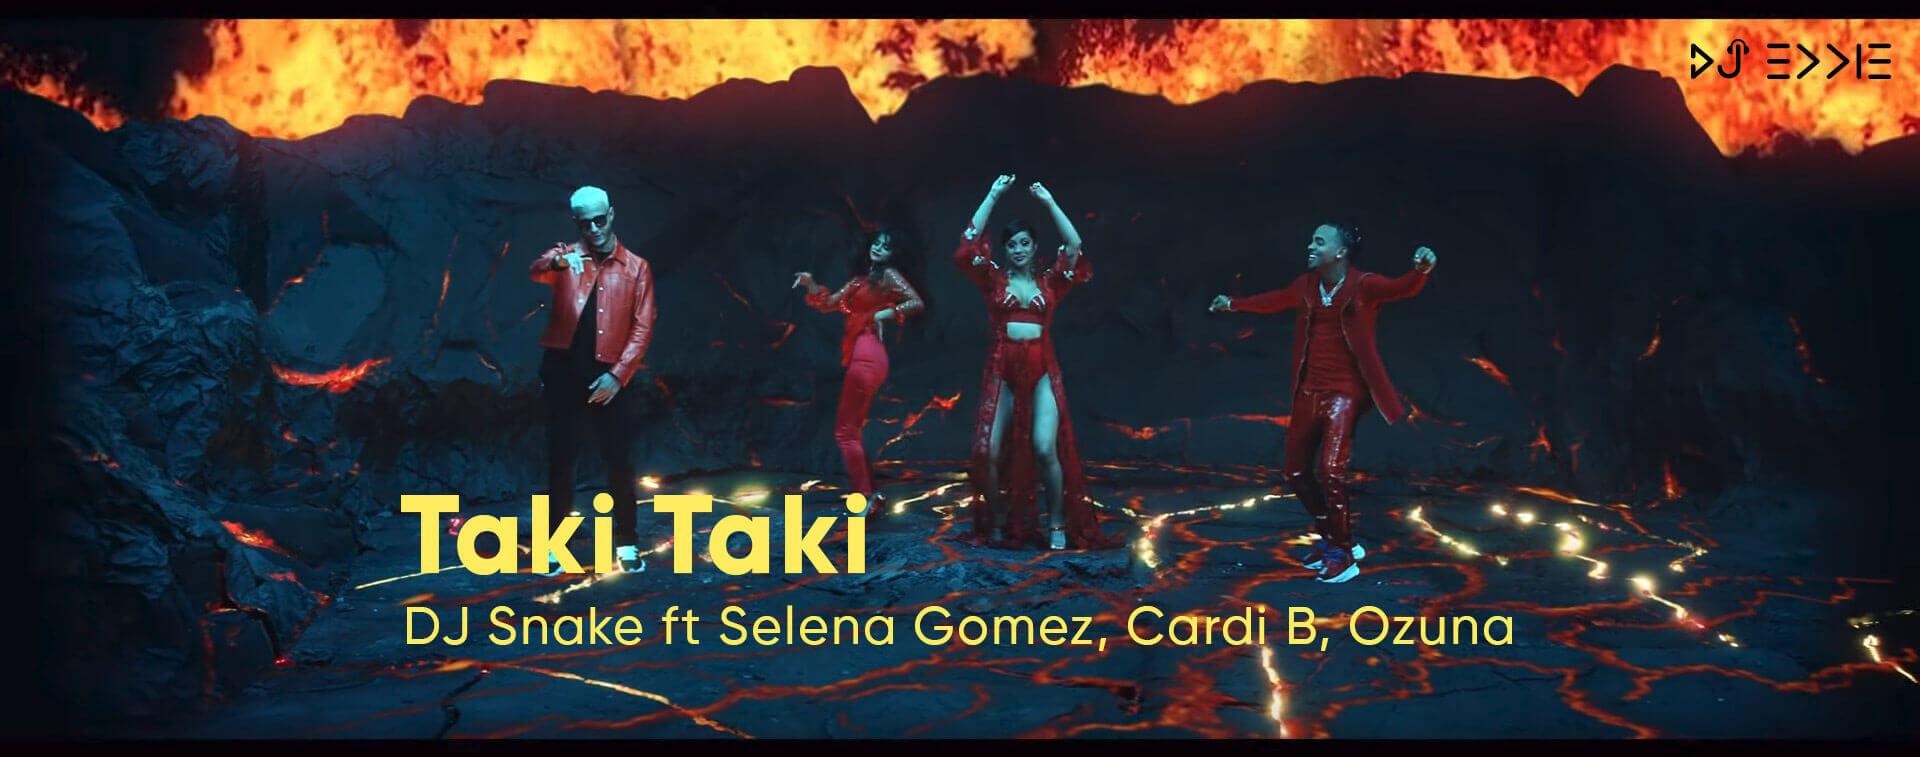 Taki Taki - DJ Snake ft Selena Gomez, Ozuna, Cardi B